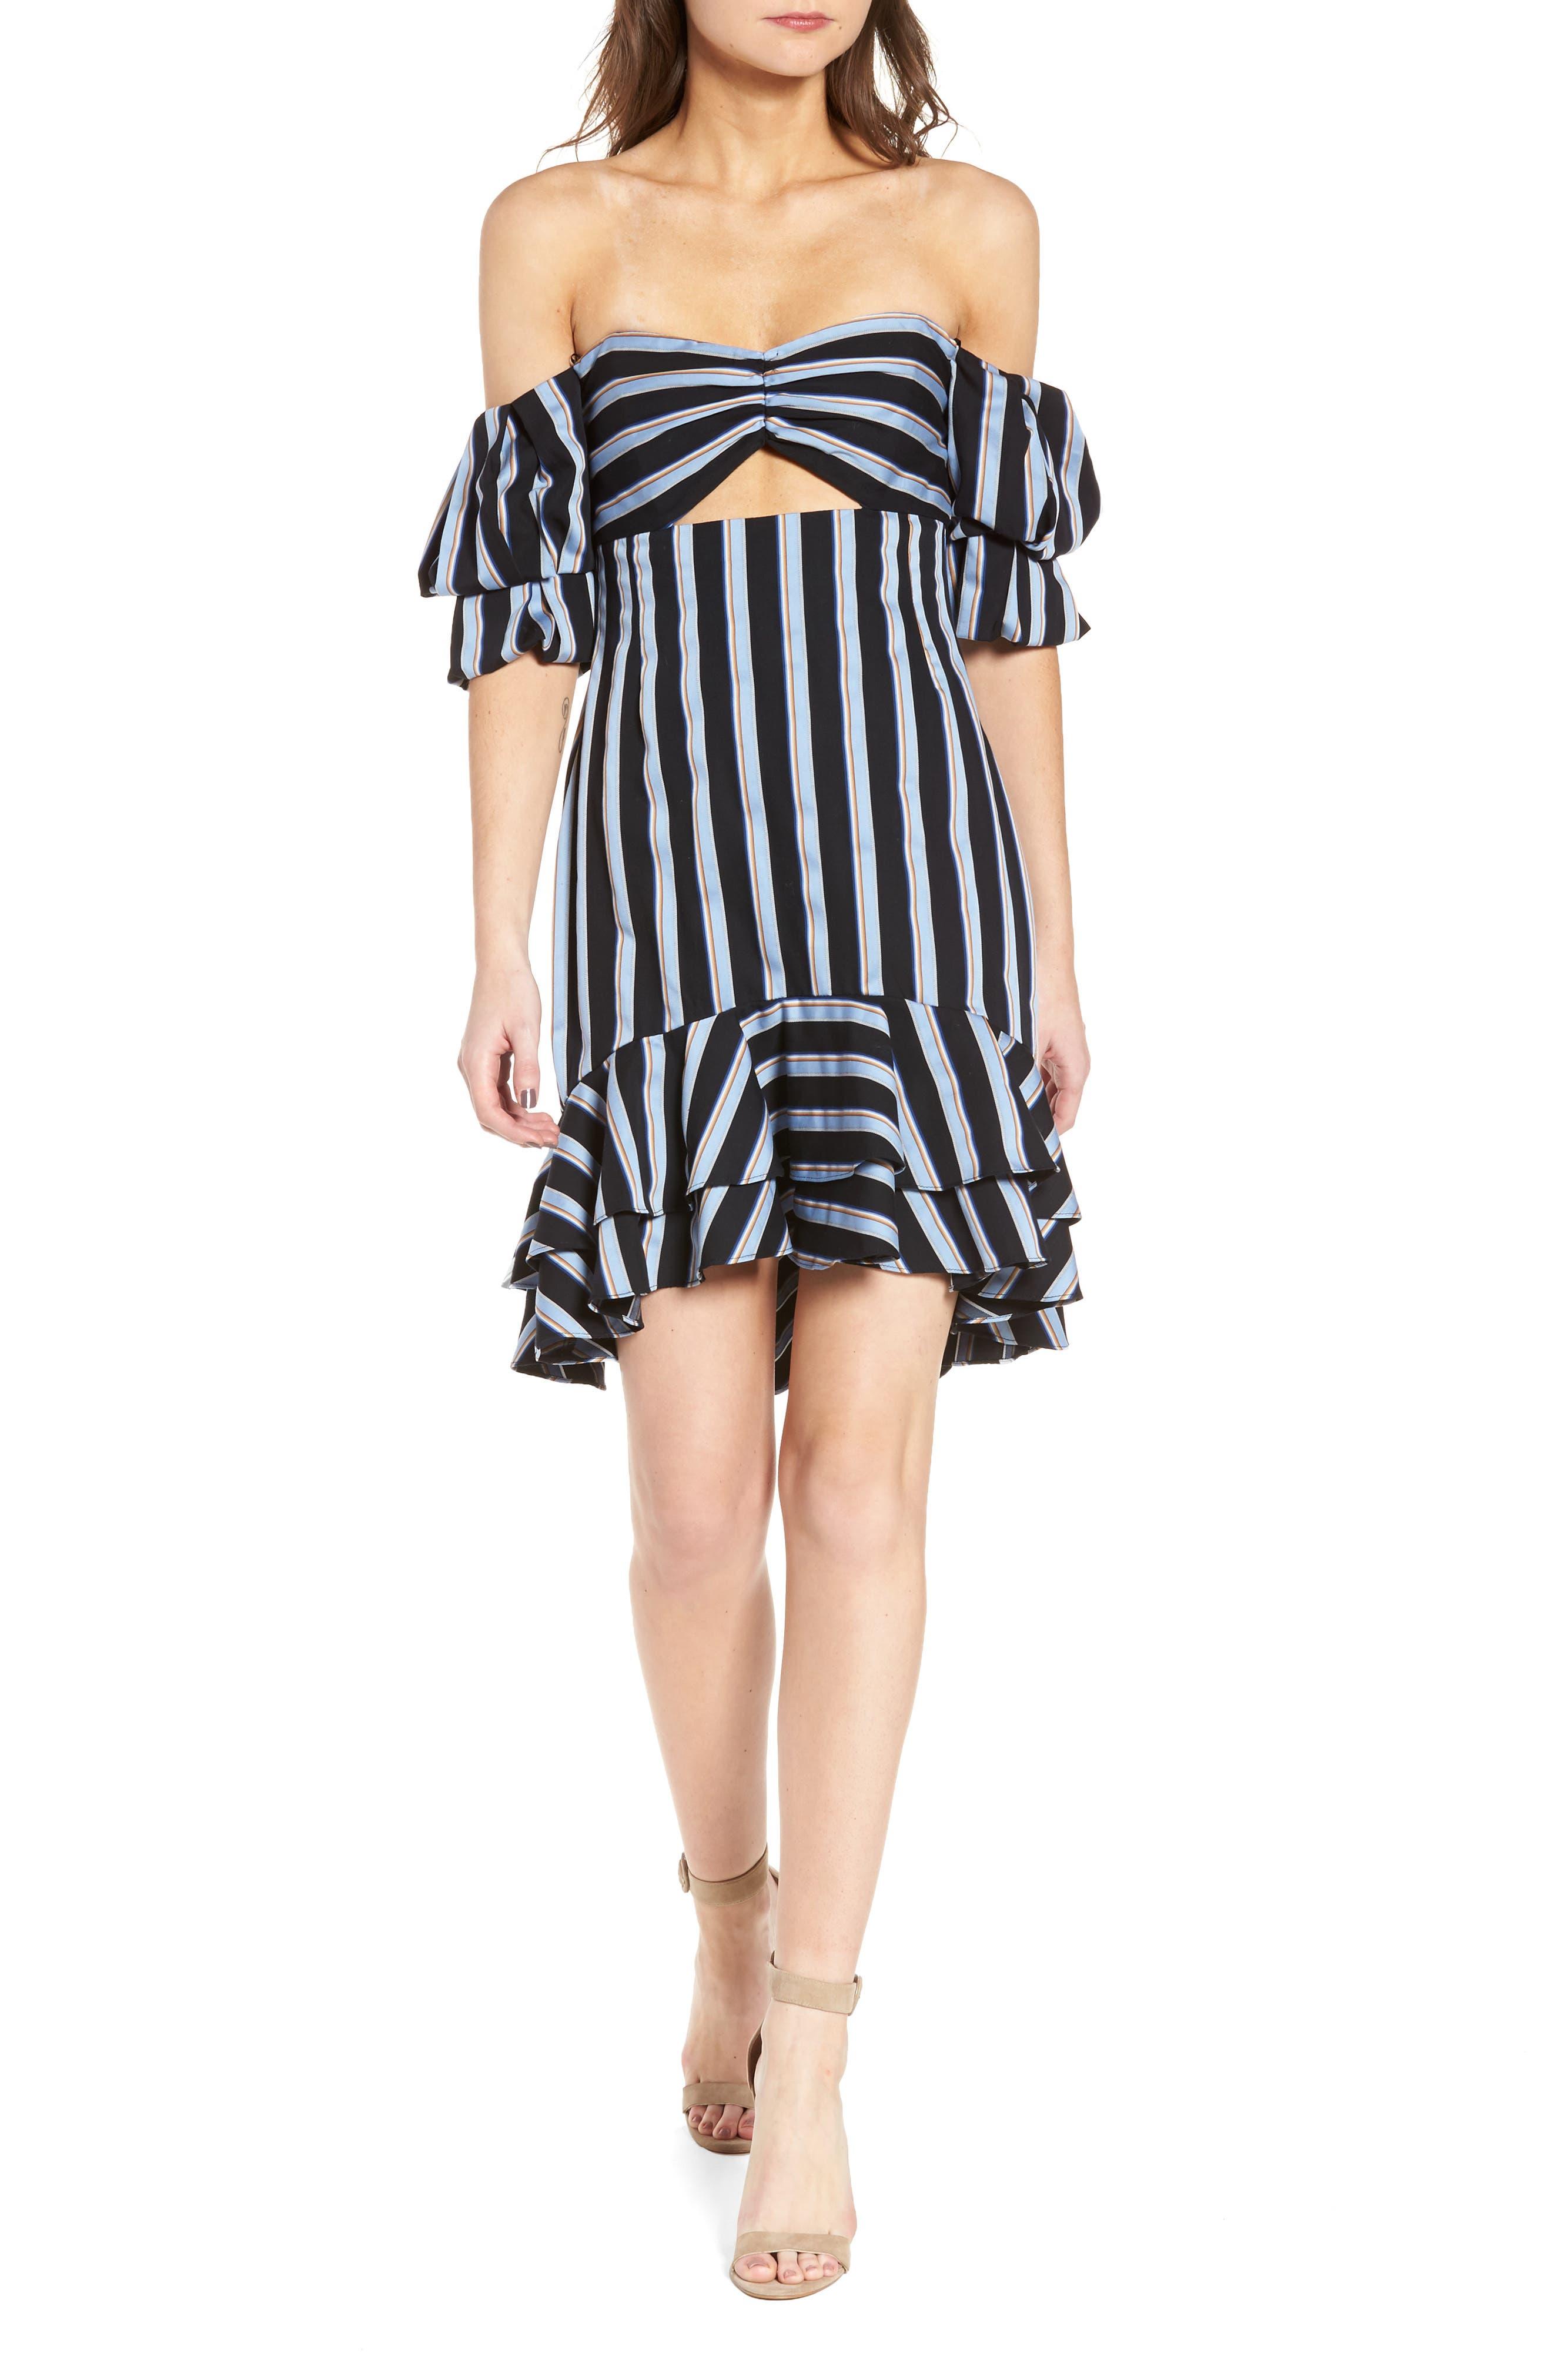 Tegan Off the Shoulder Dress,                         Main,                         color, Black/ Blue Stripe